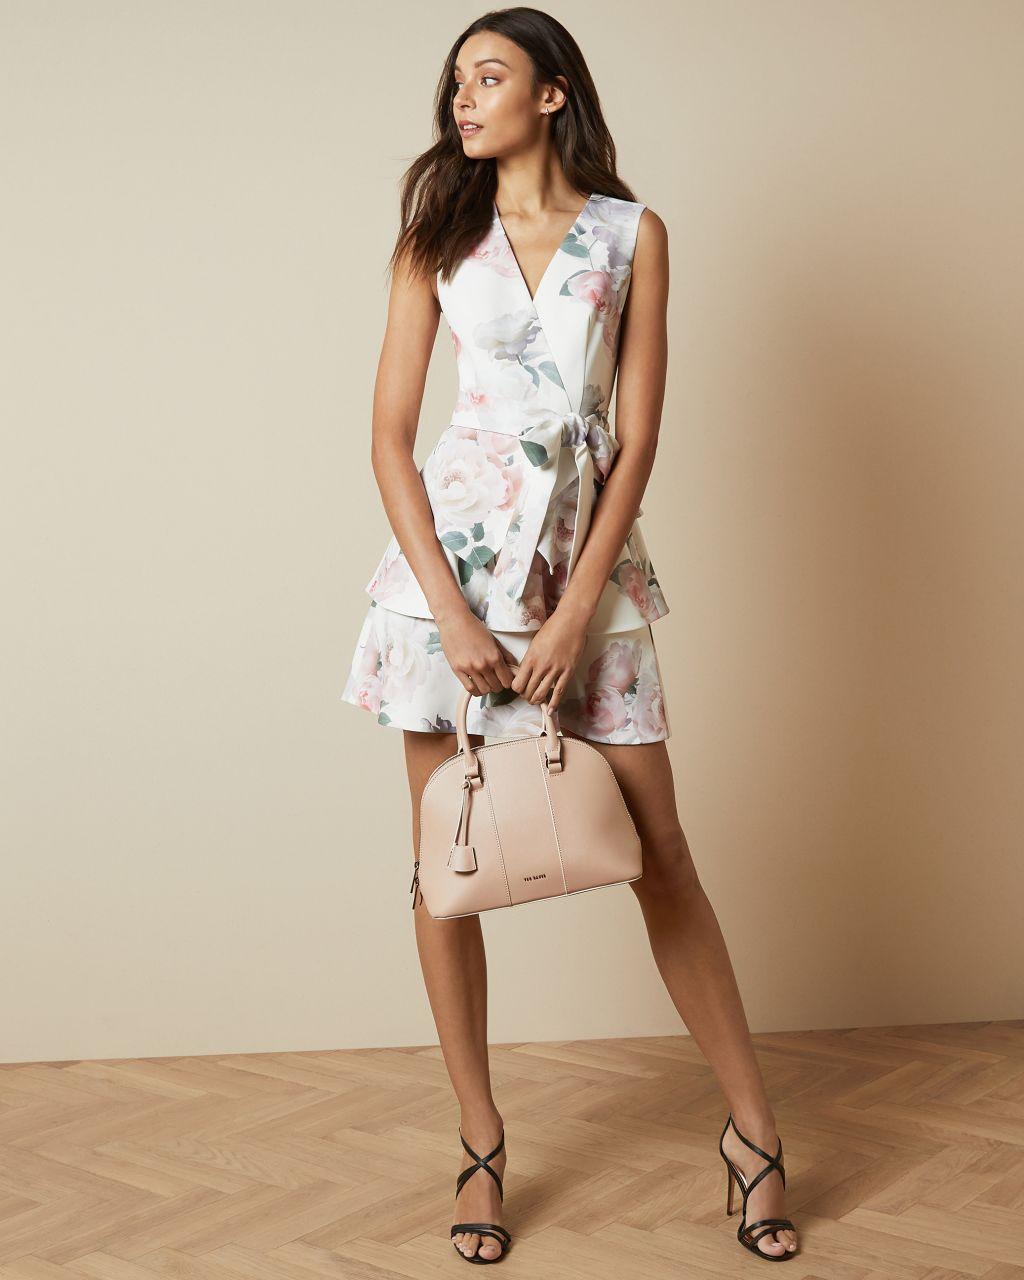 TED BAKER Kleid Mit Gestufter Rockpartie Und Bouquet-print   TED BAKER SALE